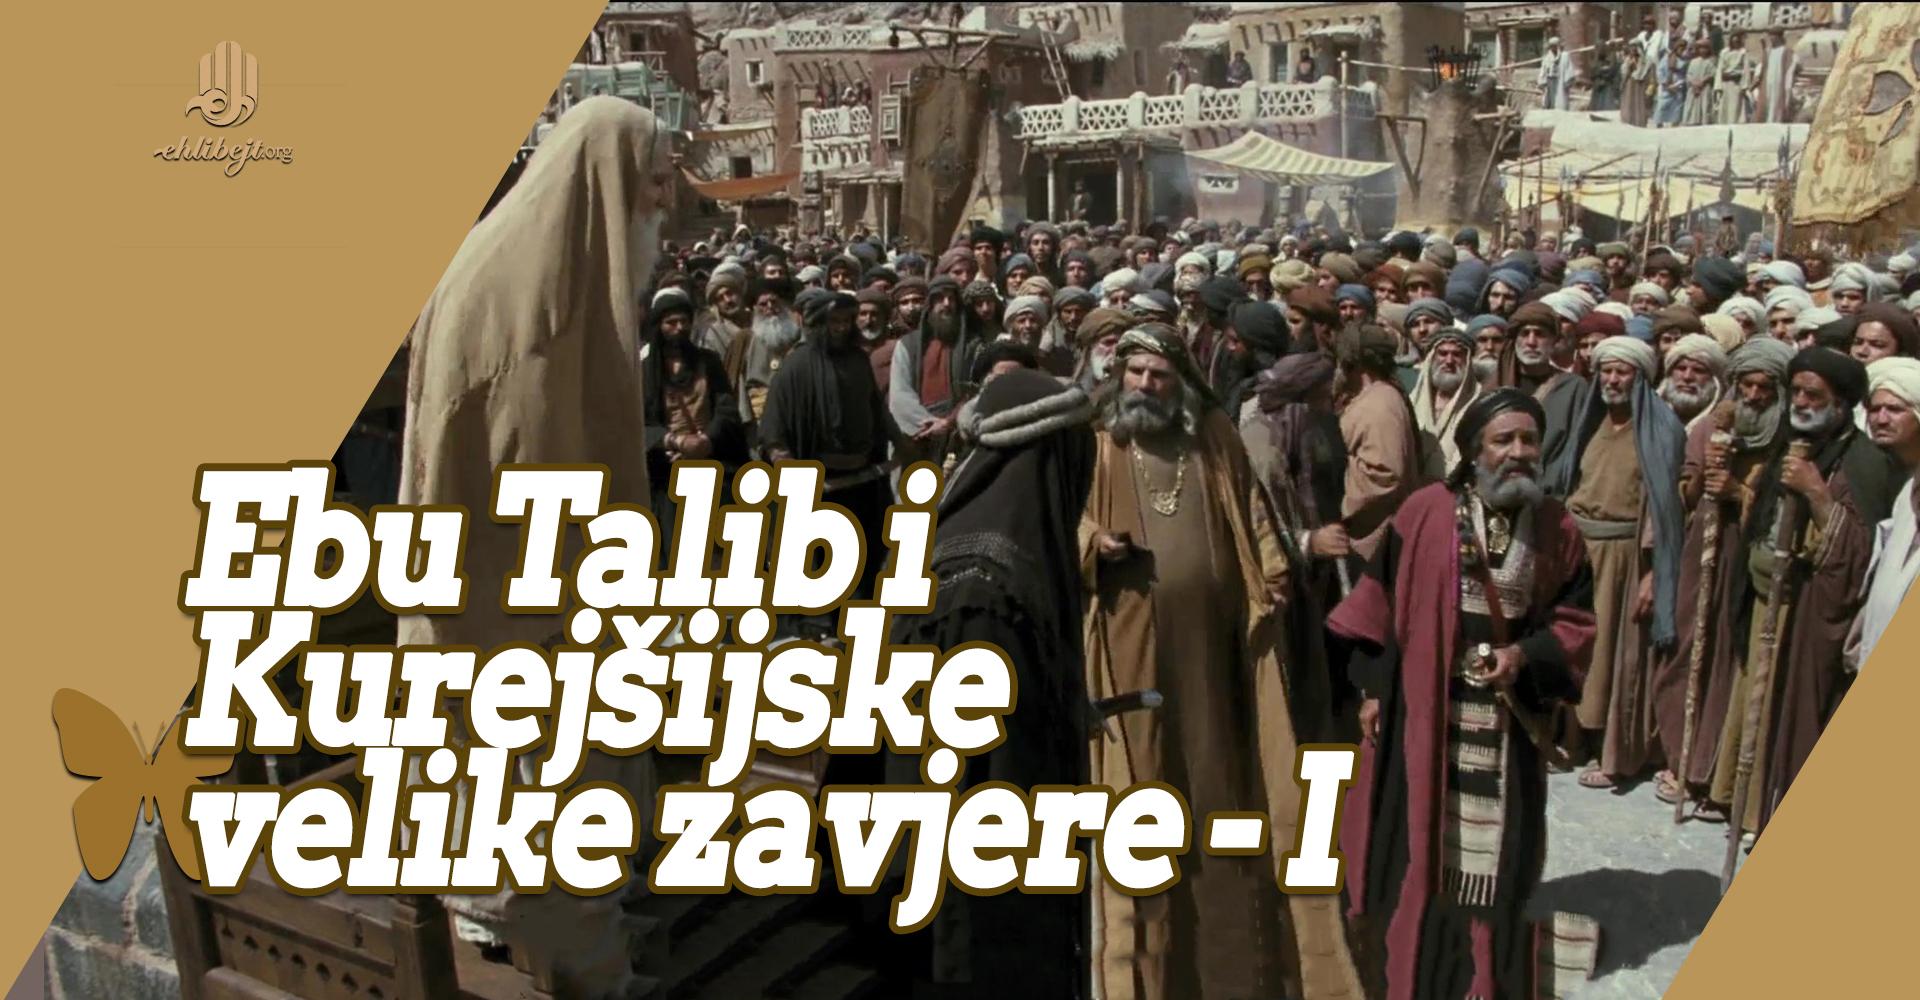 Kurejšijske velike zavjere za razdvajanja Ebu Taliba od Poslanika (I)